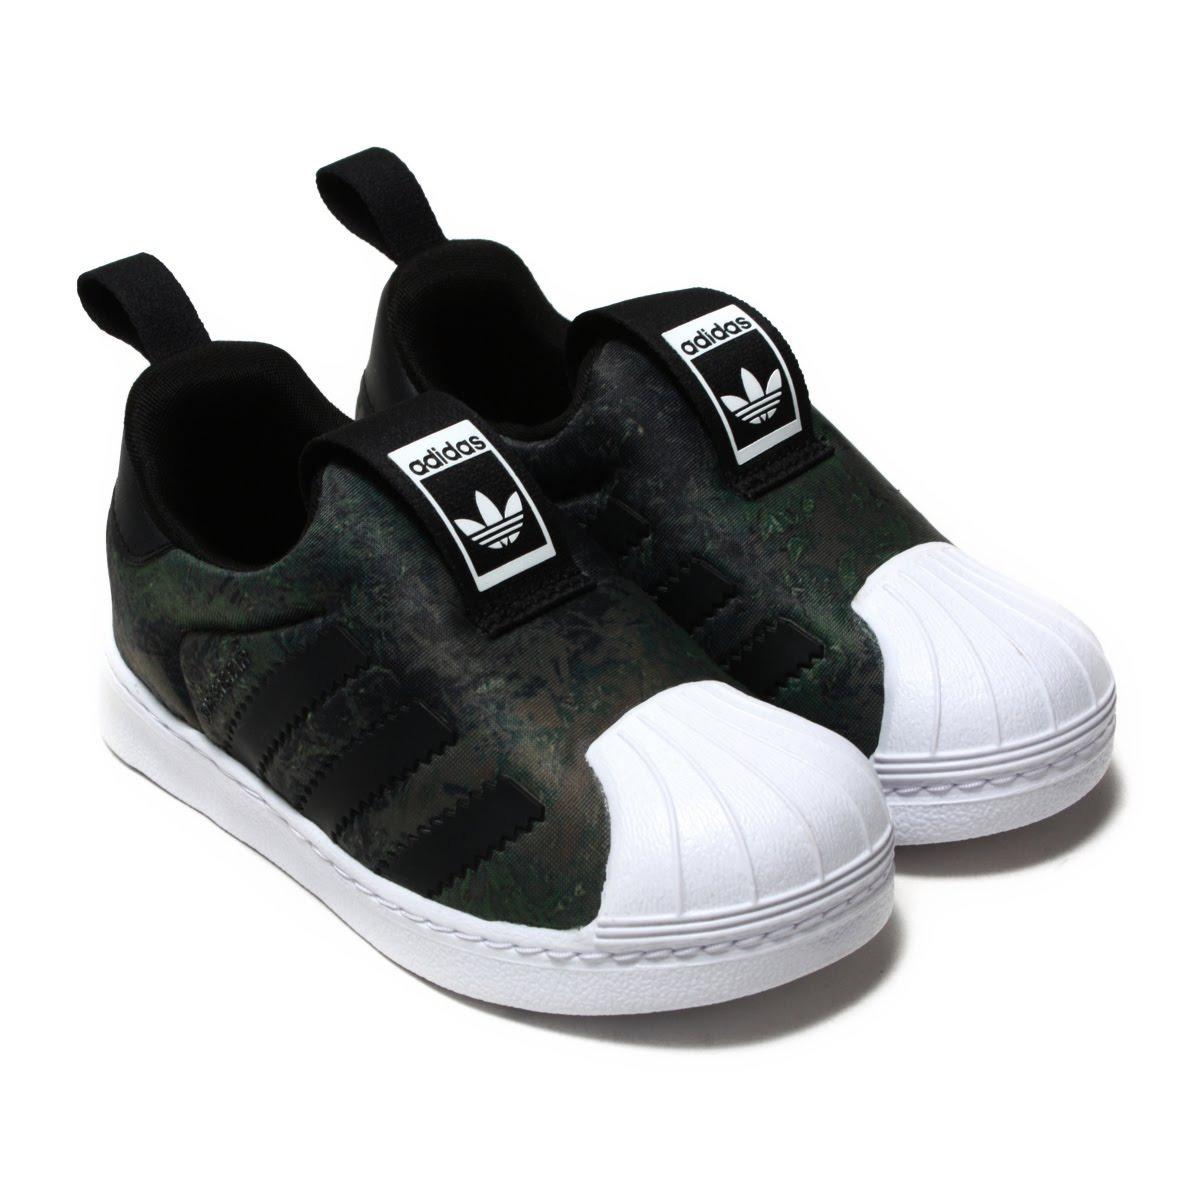 81c6fb865 zapatillas adidas superstar 360 bebes urbanas nuevas cq2577. Cargando zoom.